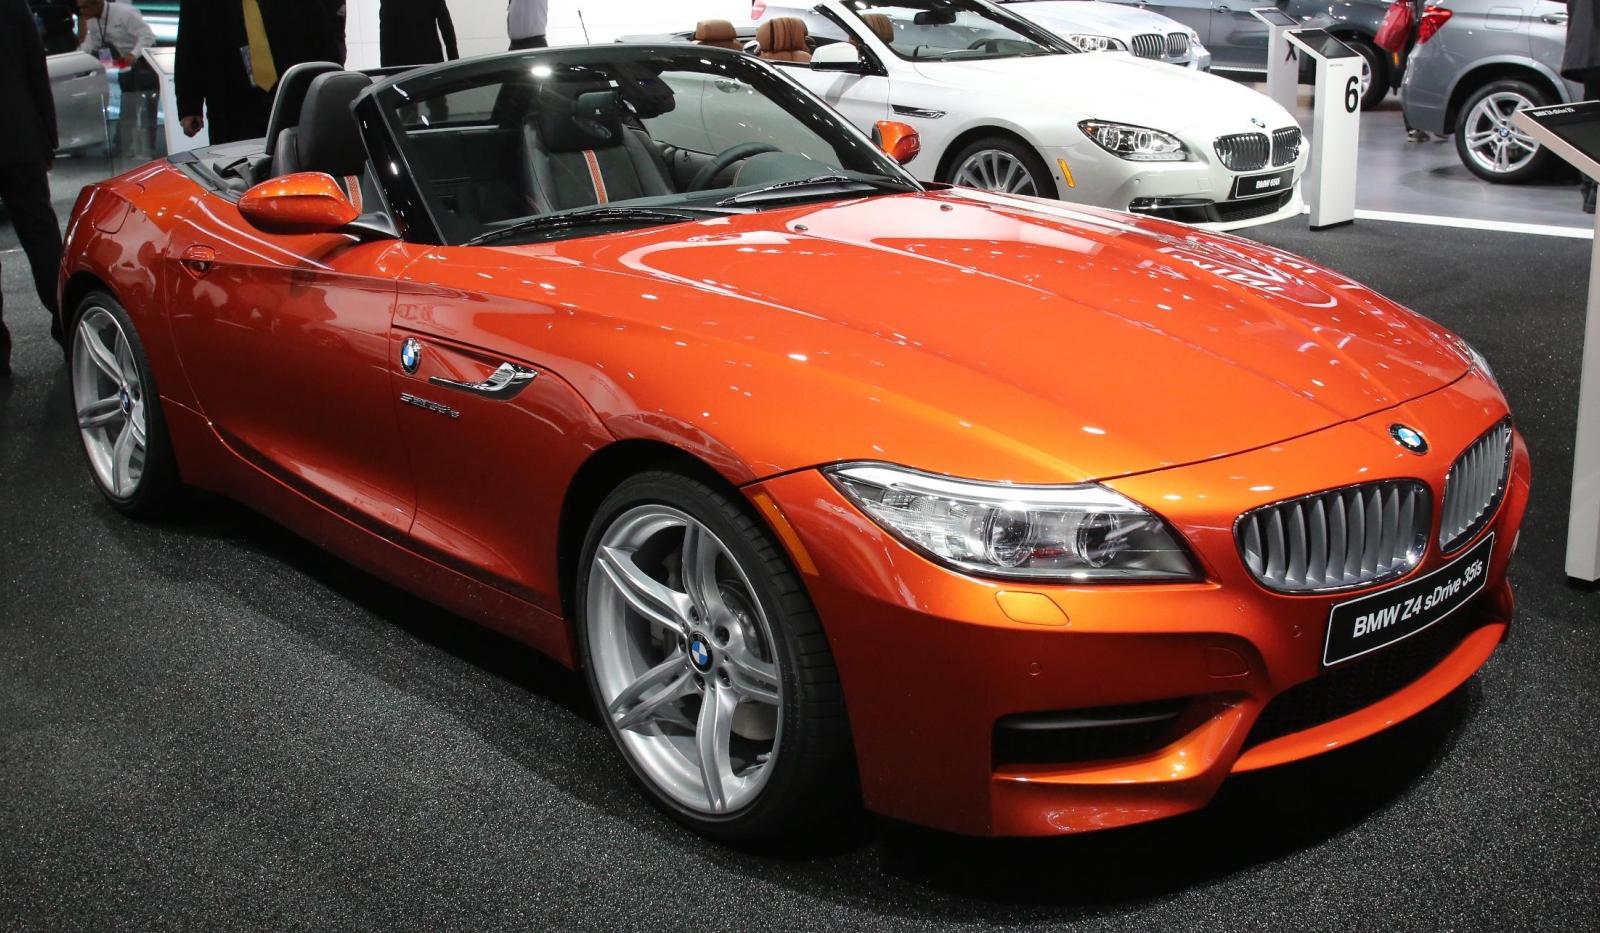 Detroit 2013 BMW Z4 Facelift Roadster Desktop Backgrounds